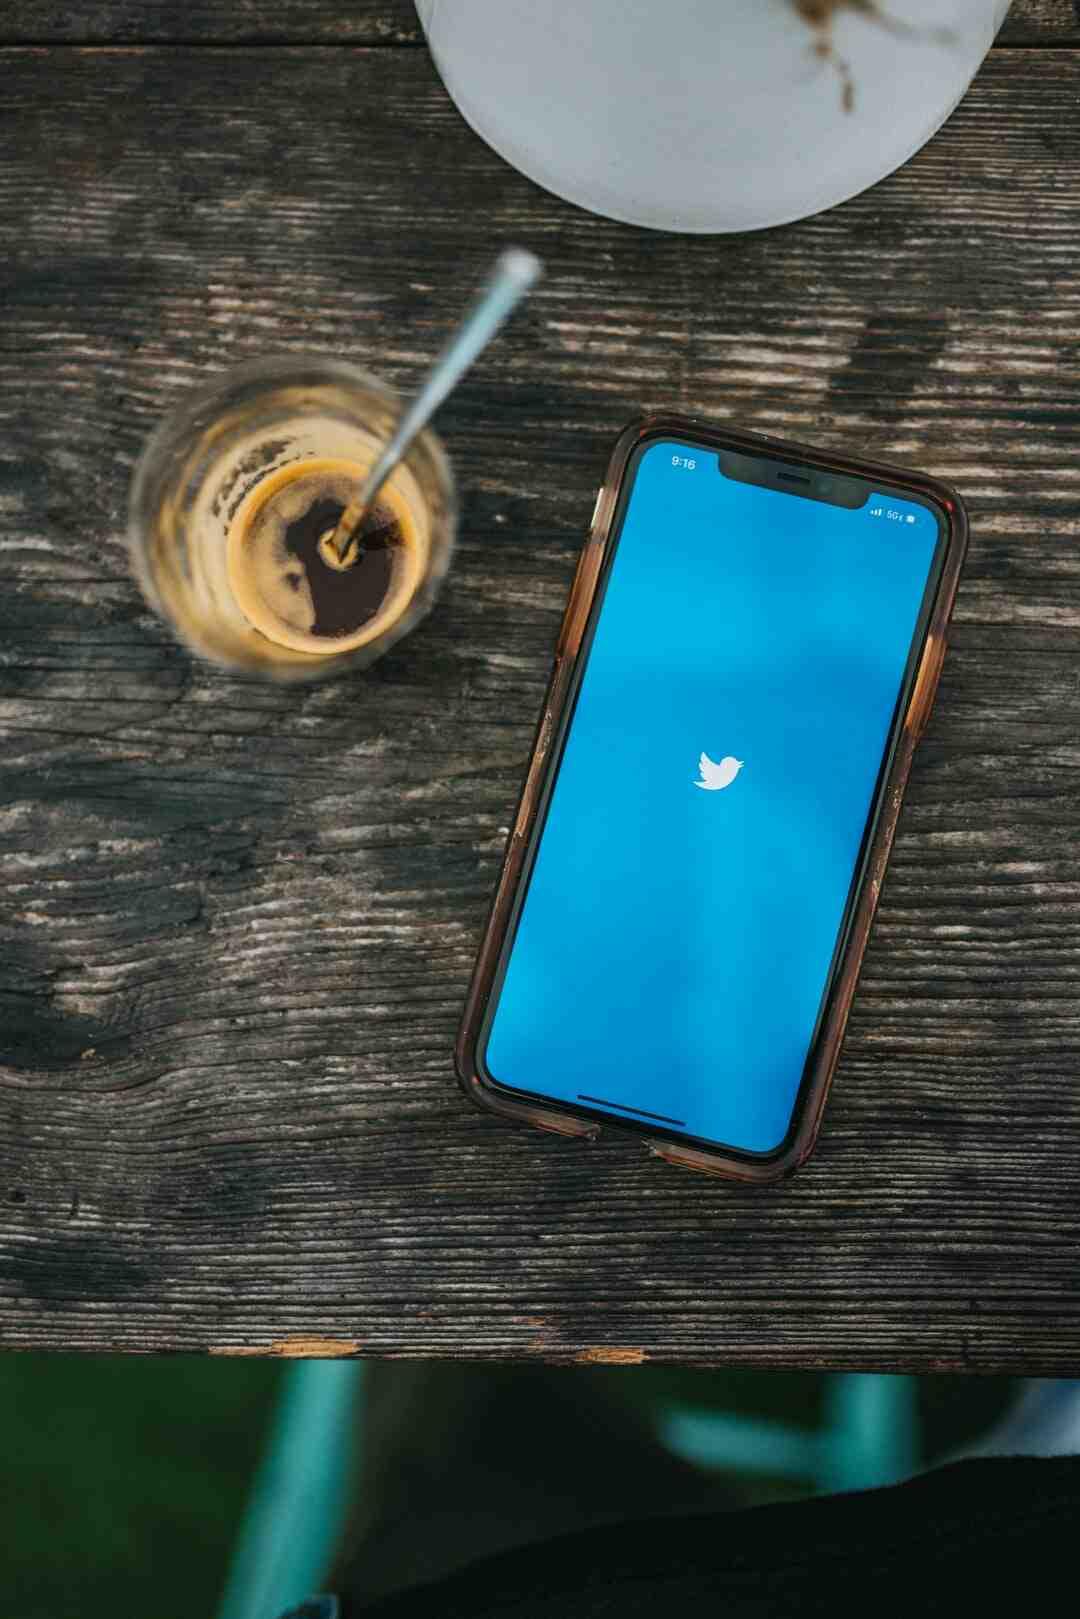 Qui est la personne la plus suivie sur Twitter ?